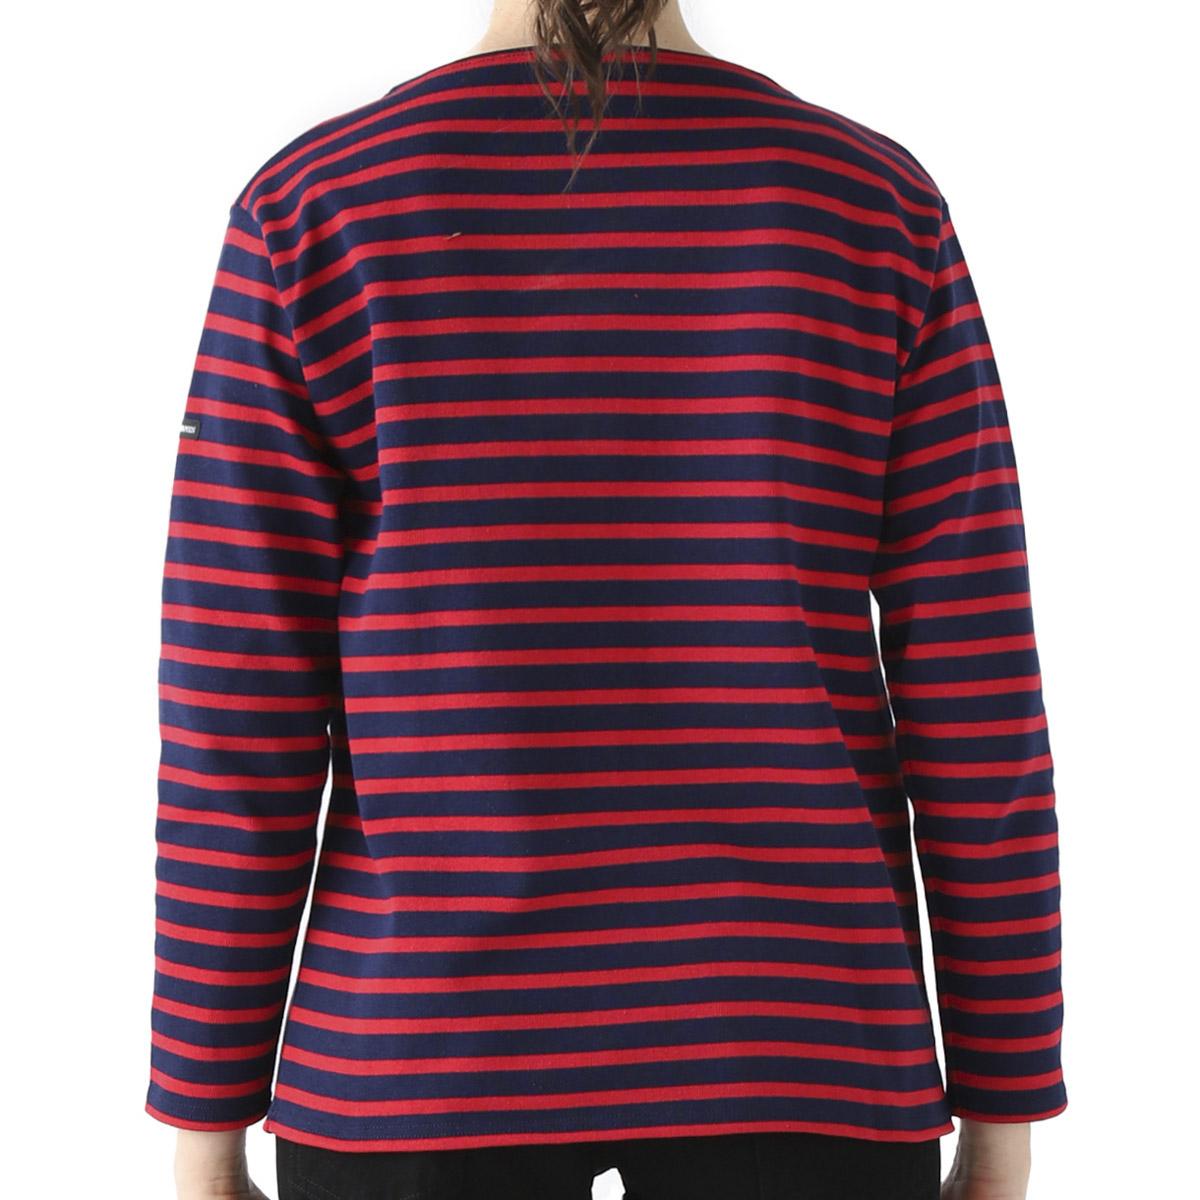 SAINT JAMES セントジェームス ボートネック 長袖Tシャツ/Tシャツ/GUILDO ギルド【大きいサイズあり】